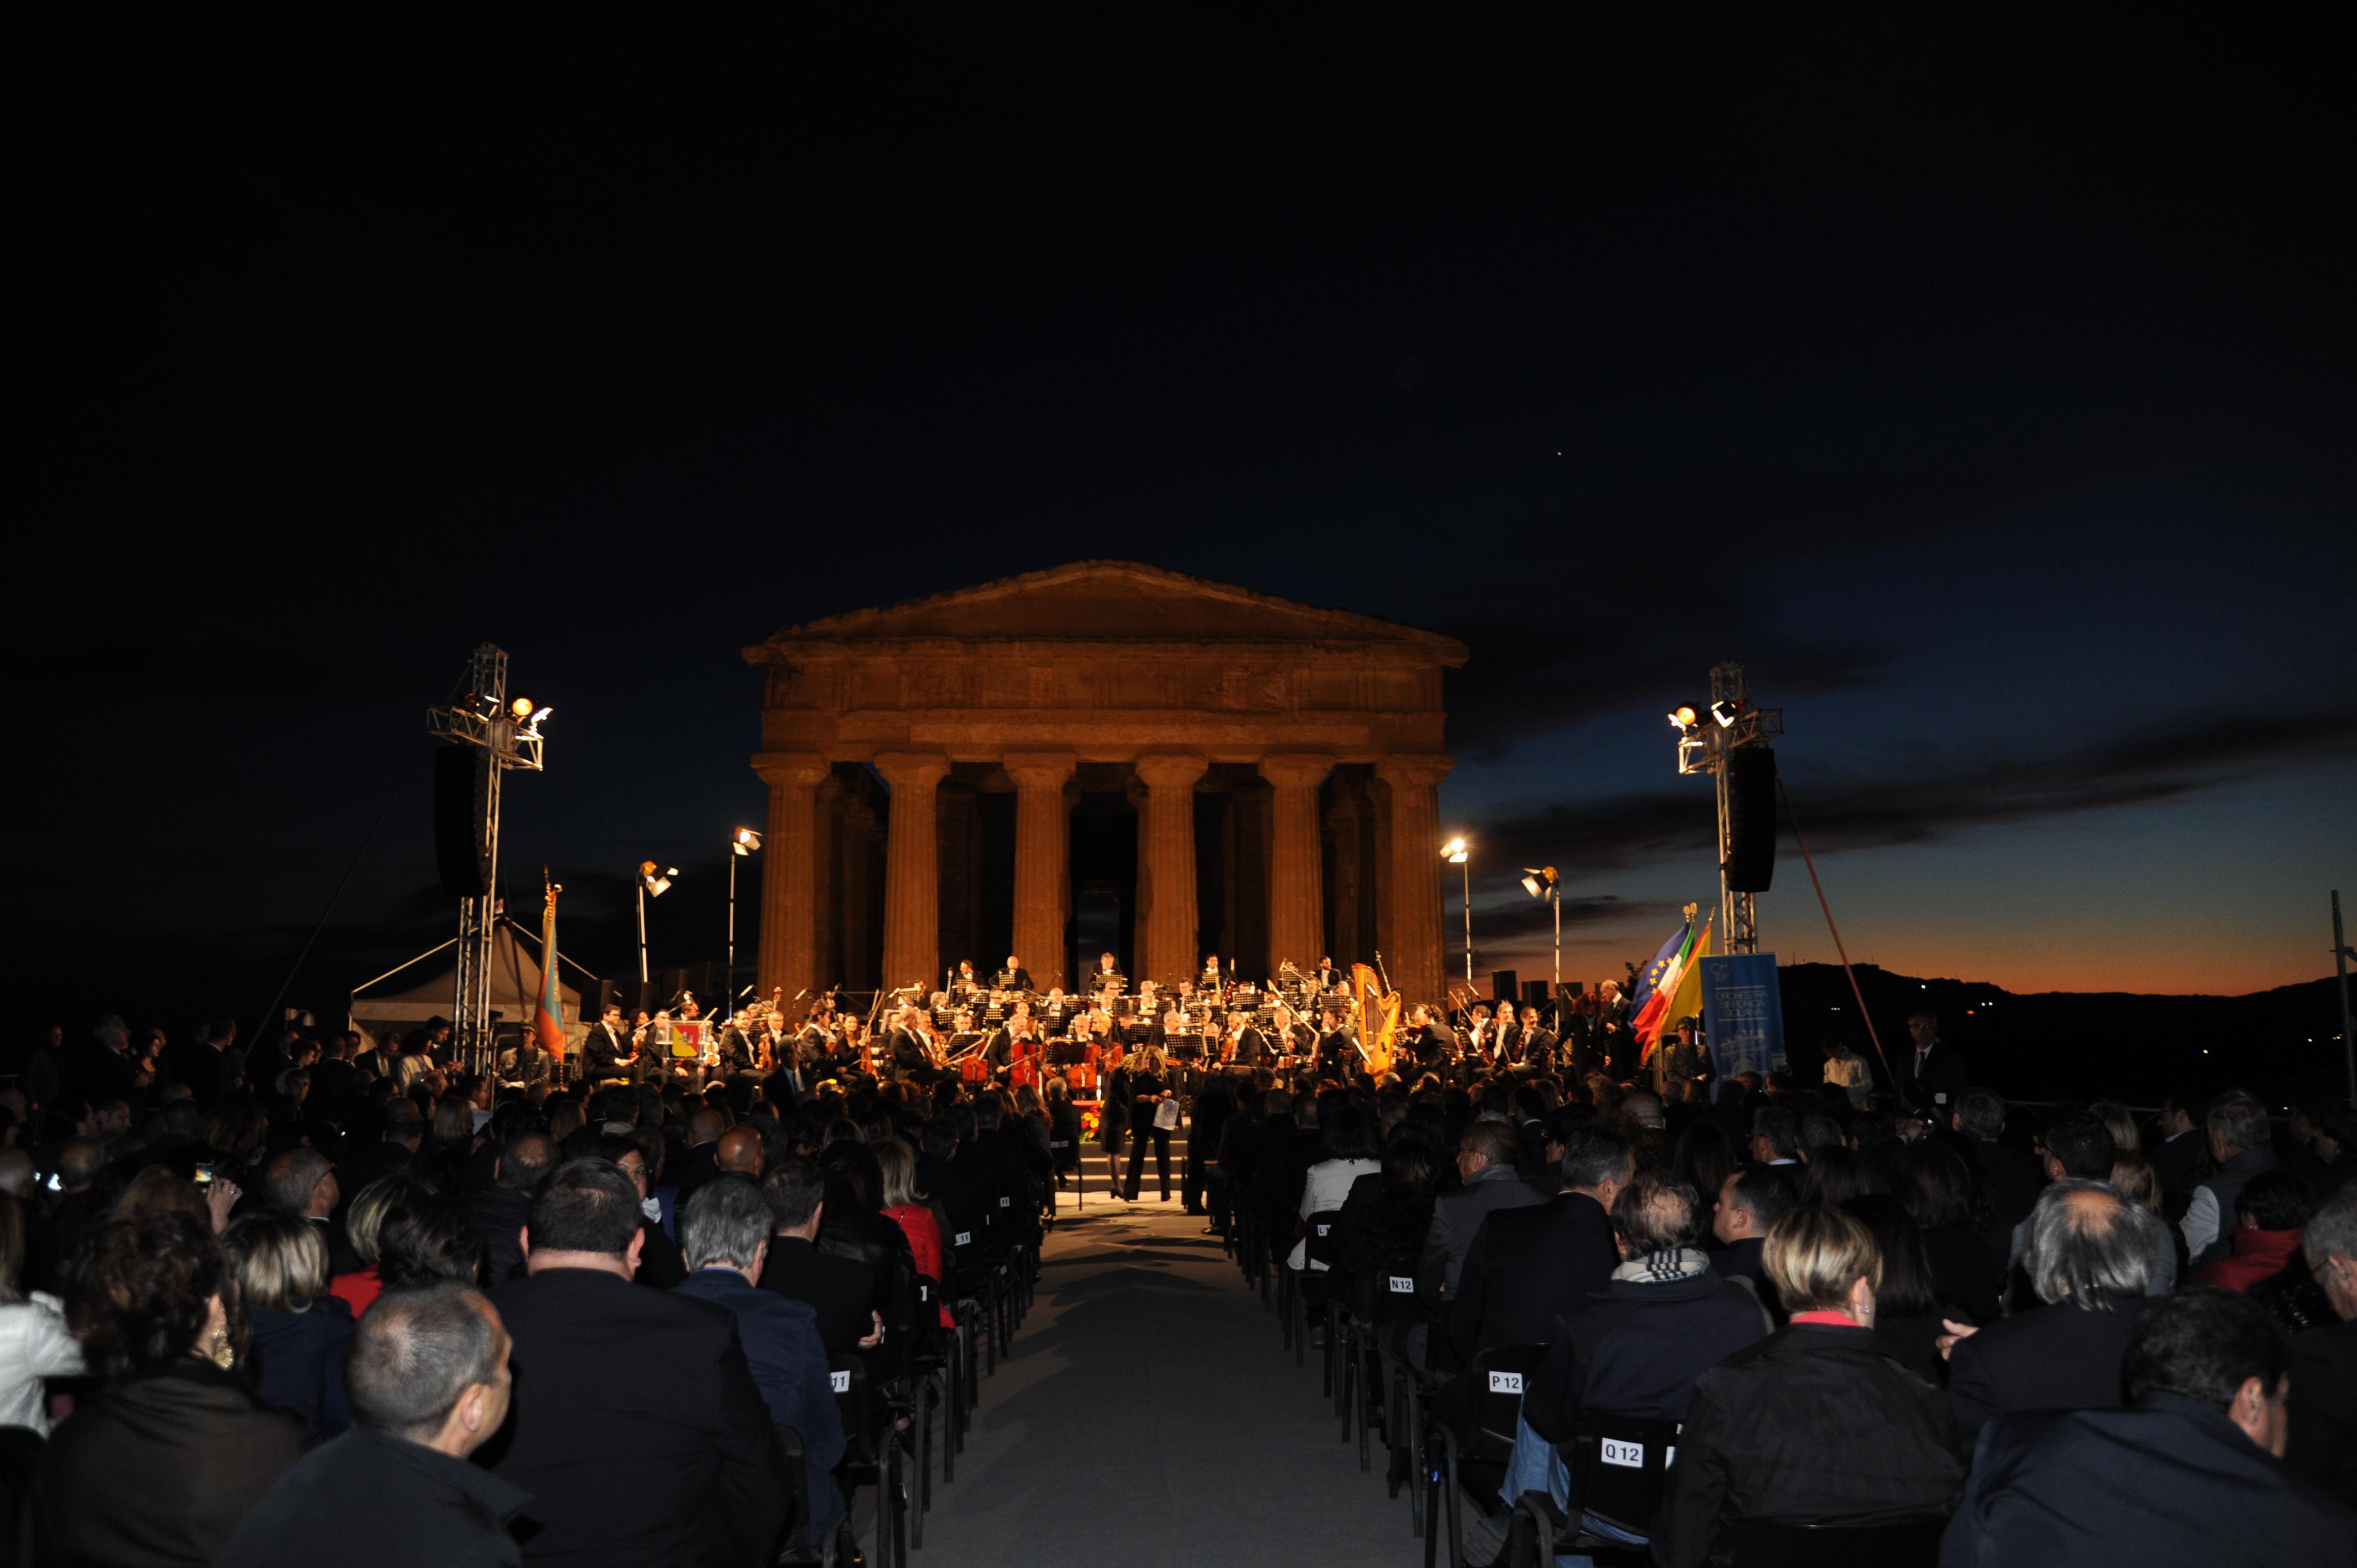 72esimo Anniversario dell'Autonomia Siciliana - immagine 3